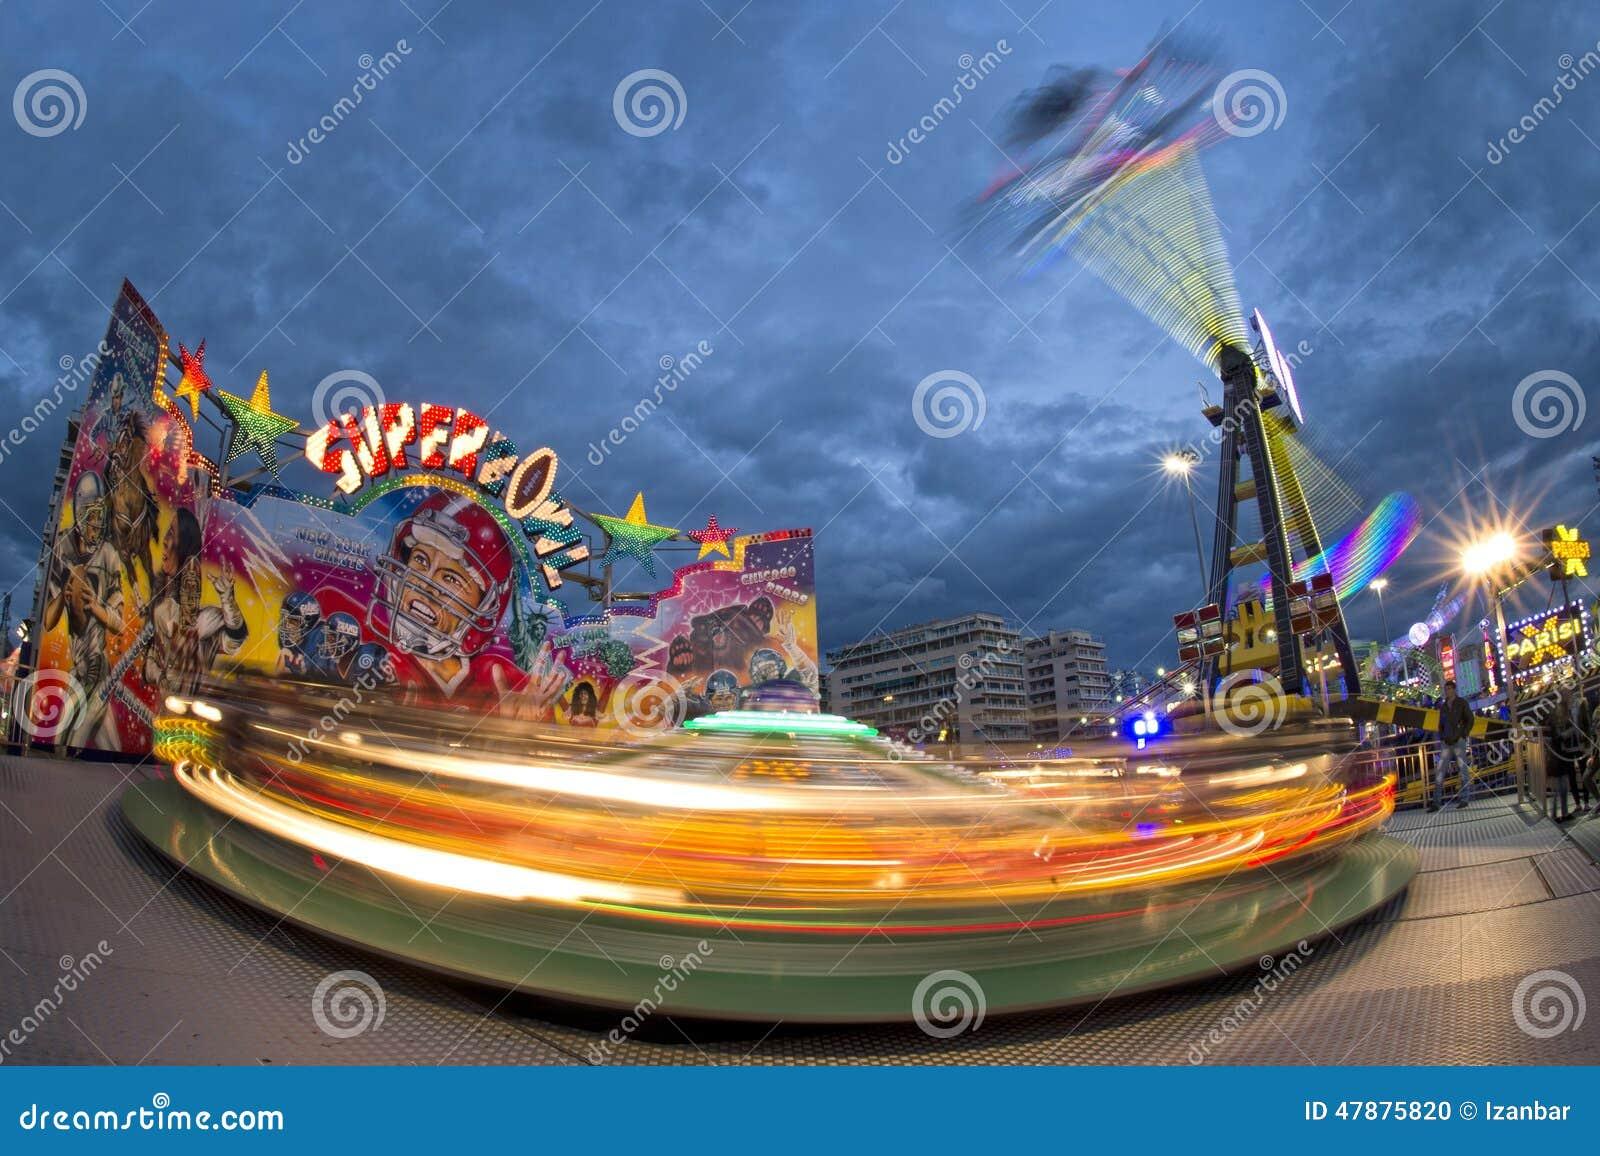 Carrossel movente de Luna Park do carnaval da feira de divertimento